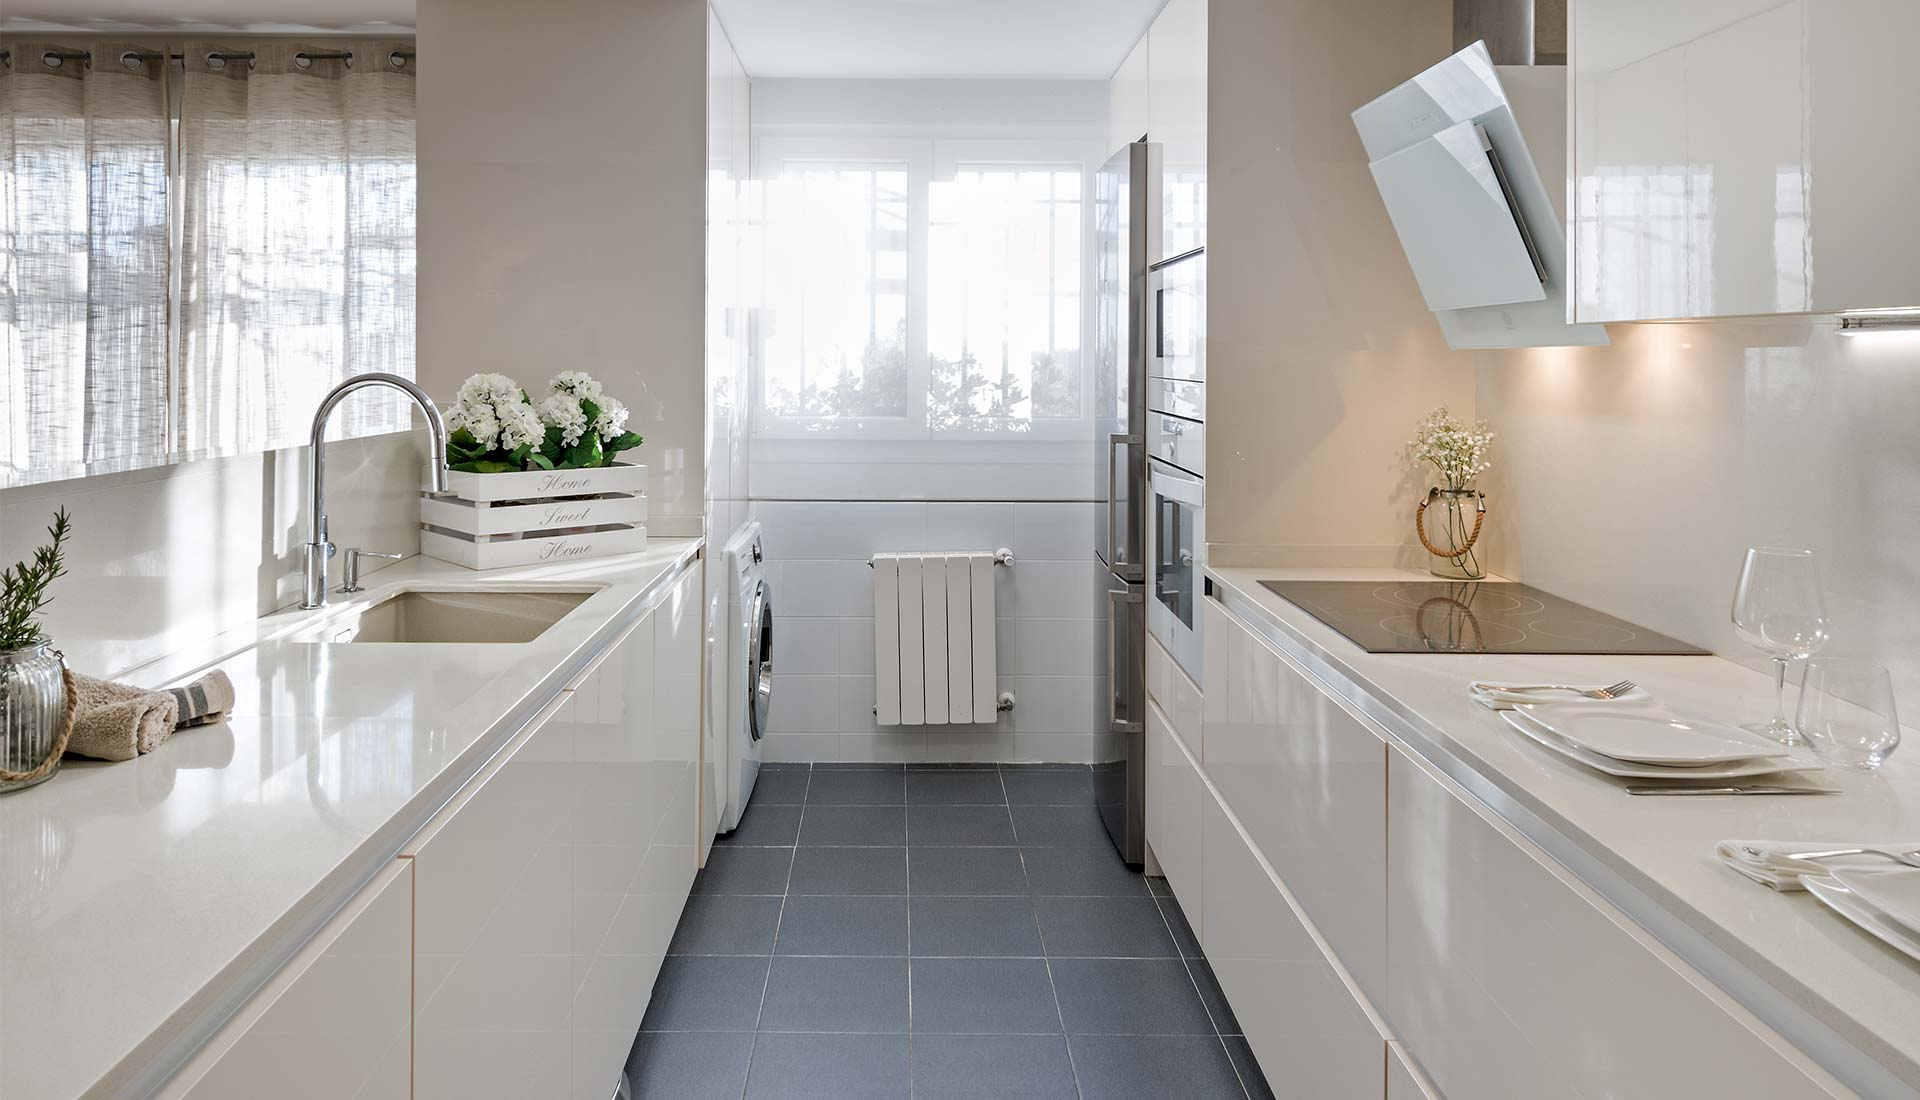 decoracion de interiores cocina amplia